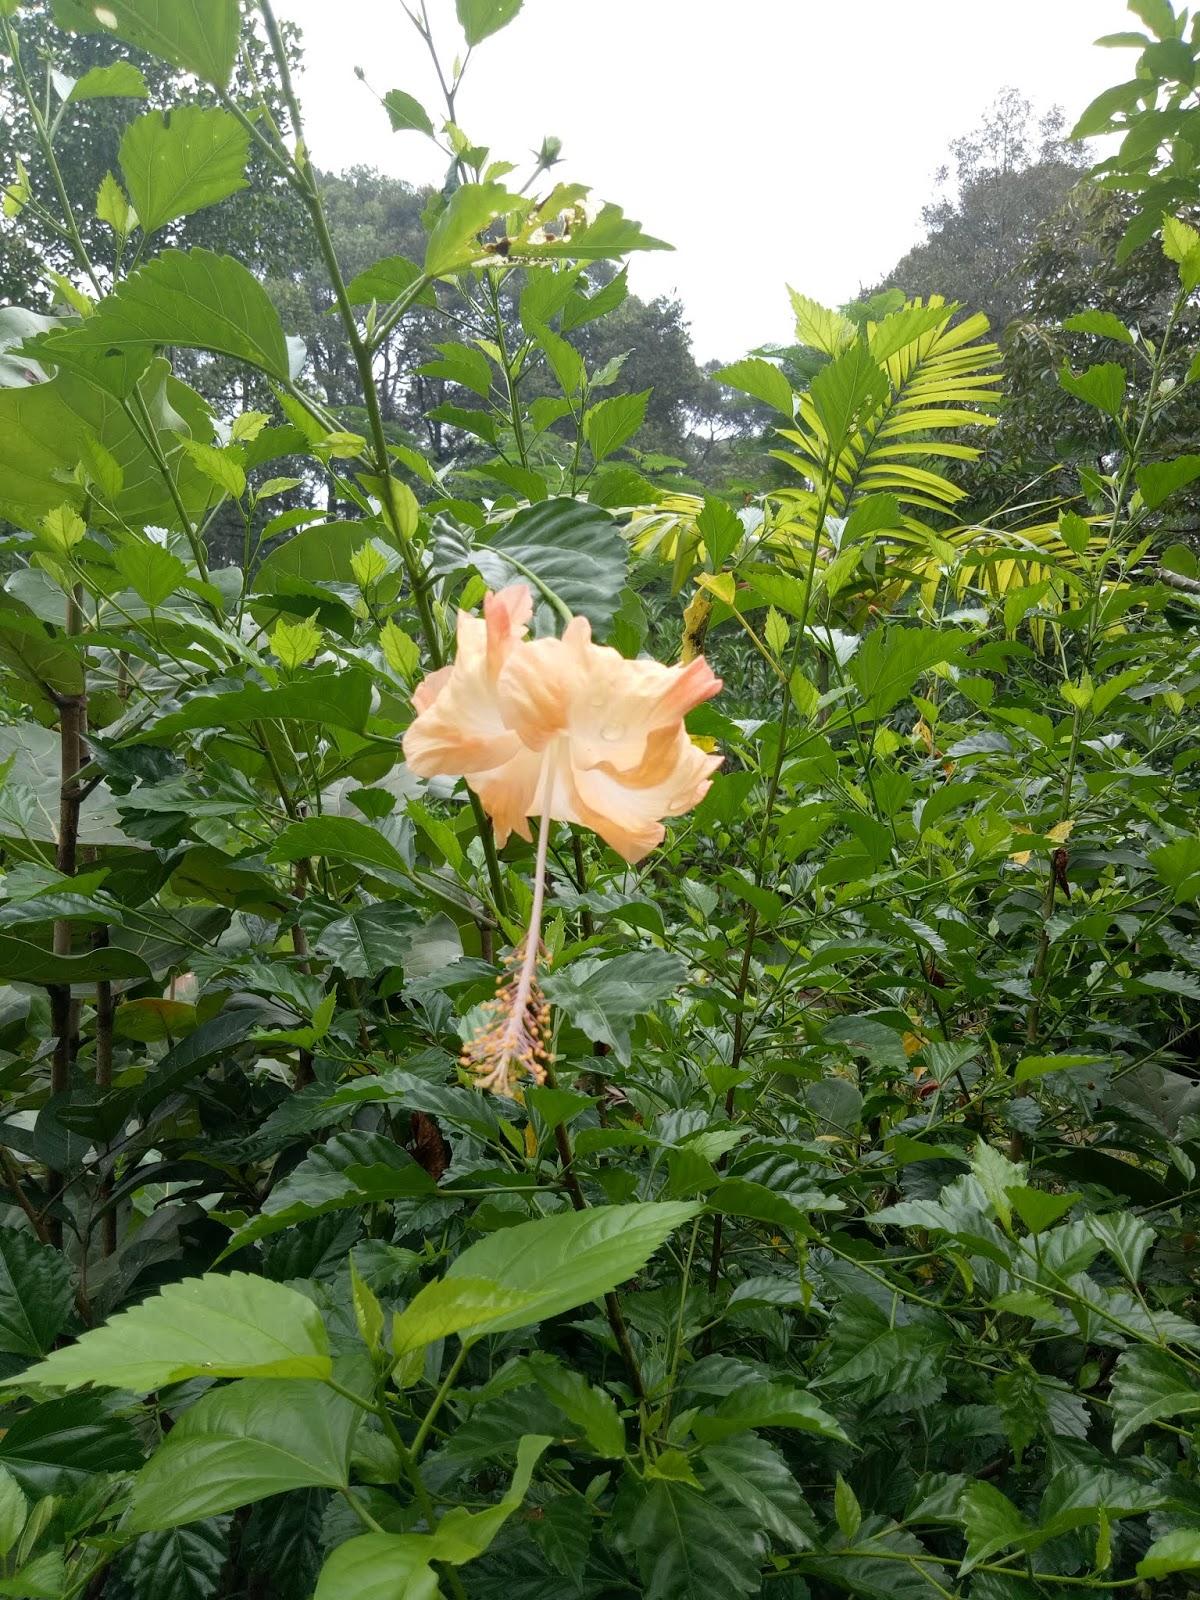 Jual Tanaman Hias Bunga Sepatu Kembang Sepatu Hibiscus Hibiscus Rosa Sinensis L Sinox Nursery Tanaman hias bunga sepatu